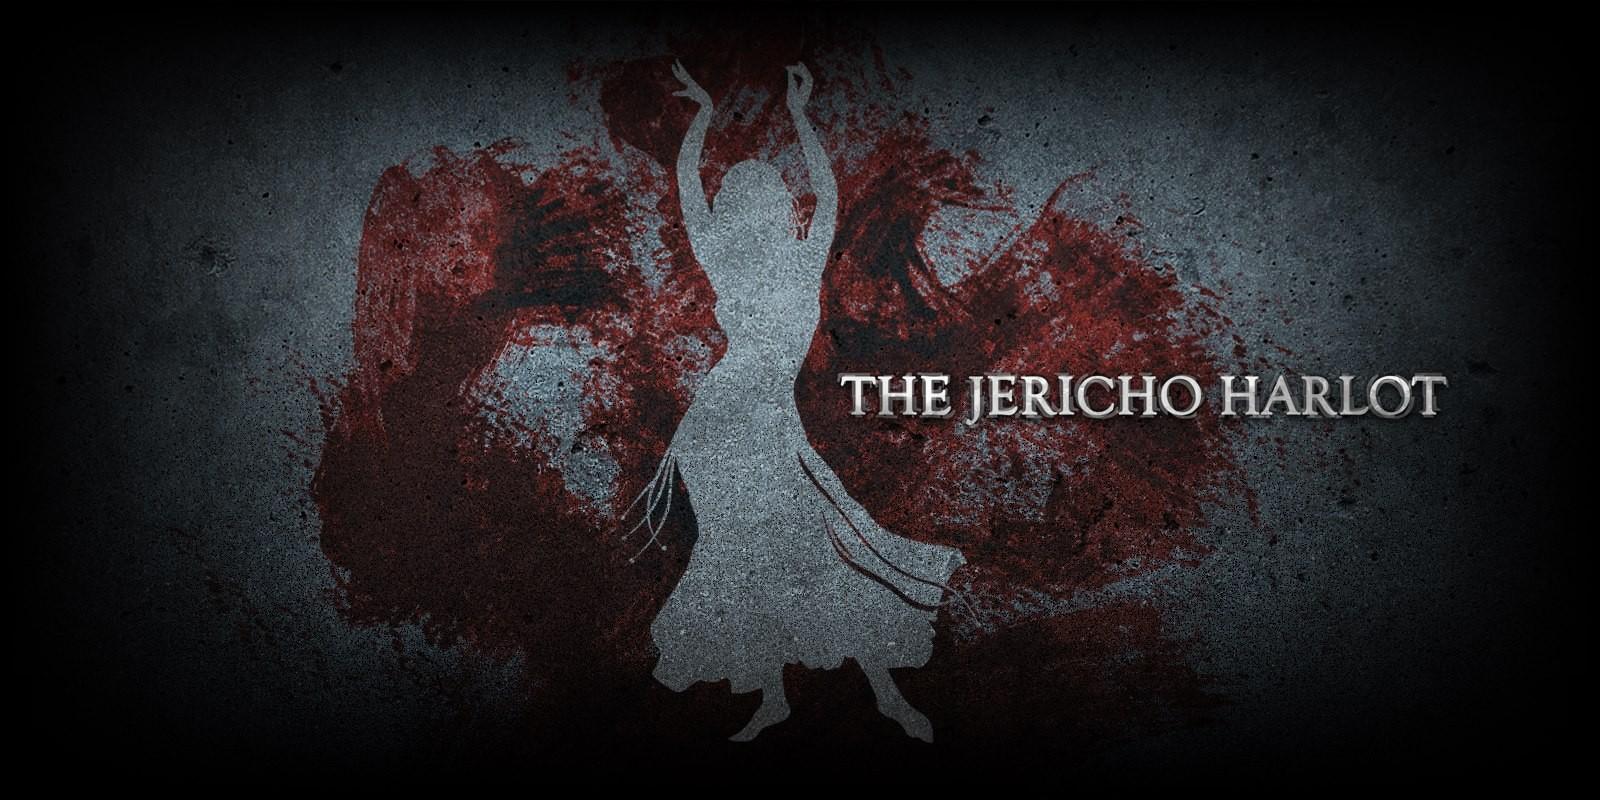 The Jericho Harlot